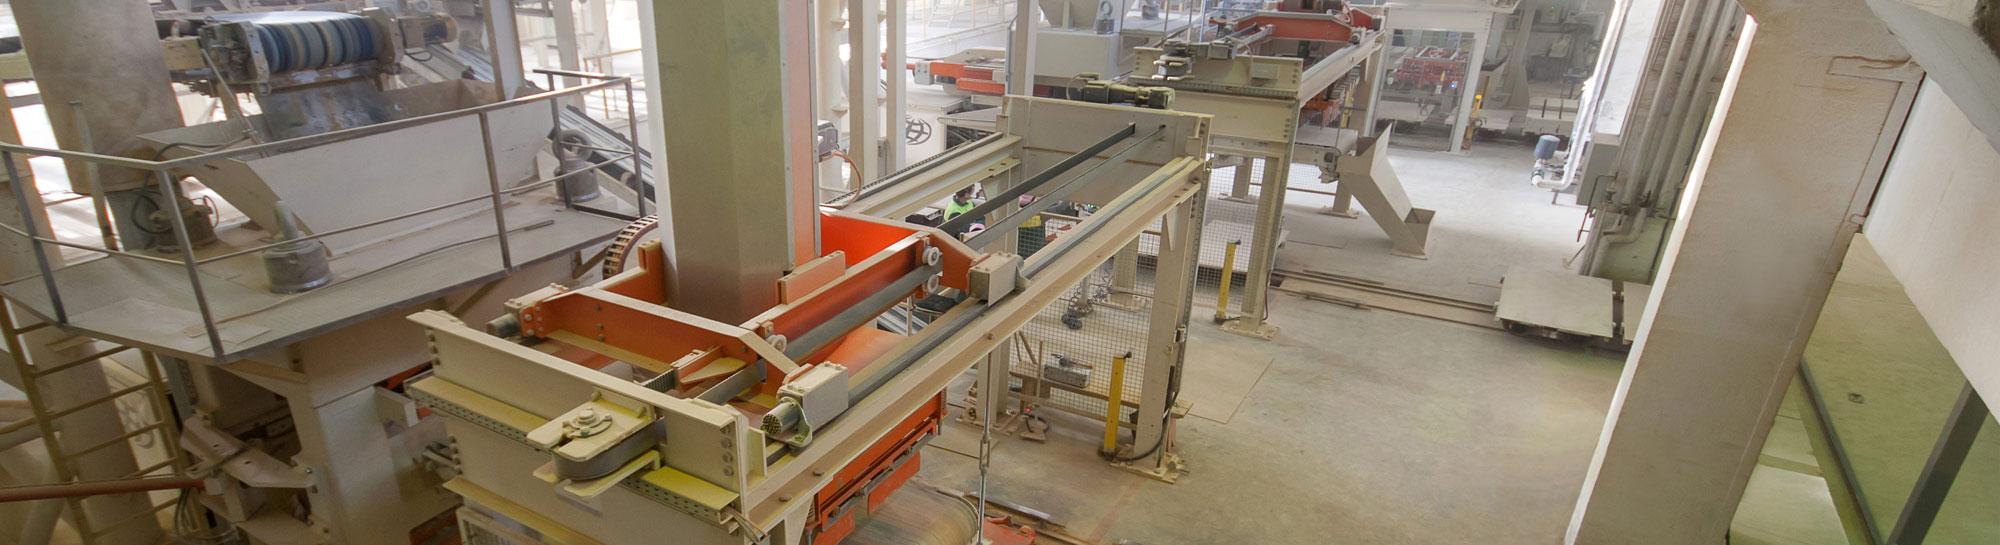 Завод по производству силикатного бетона пылесос бетон